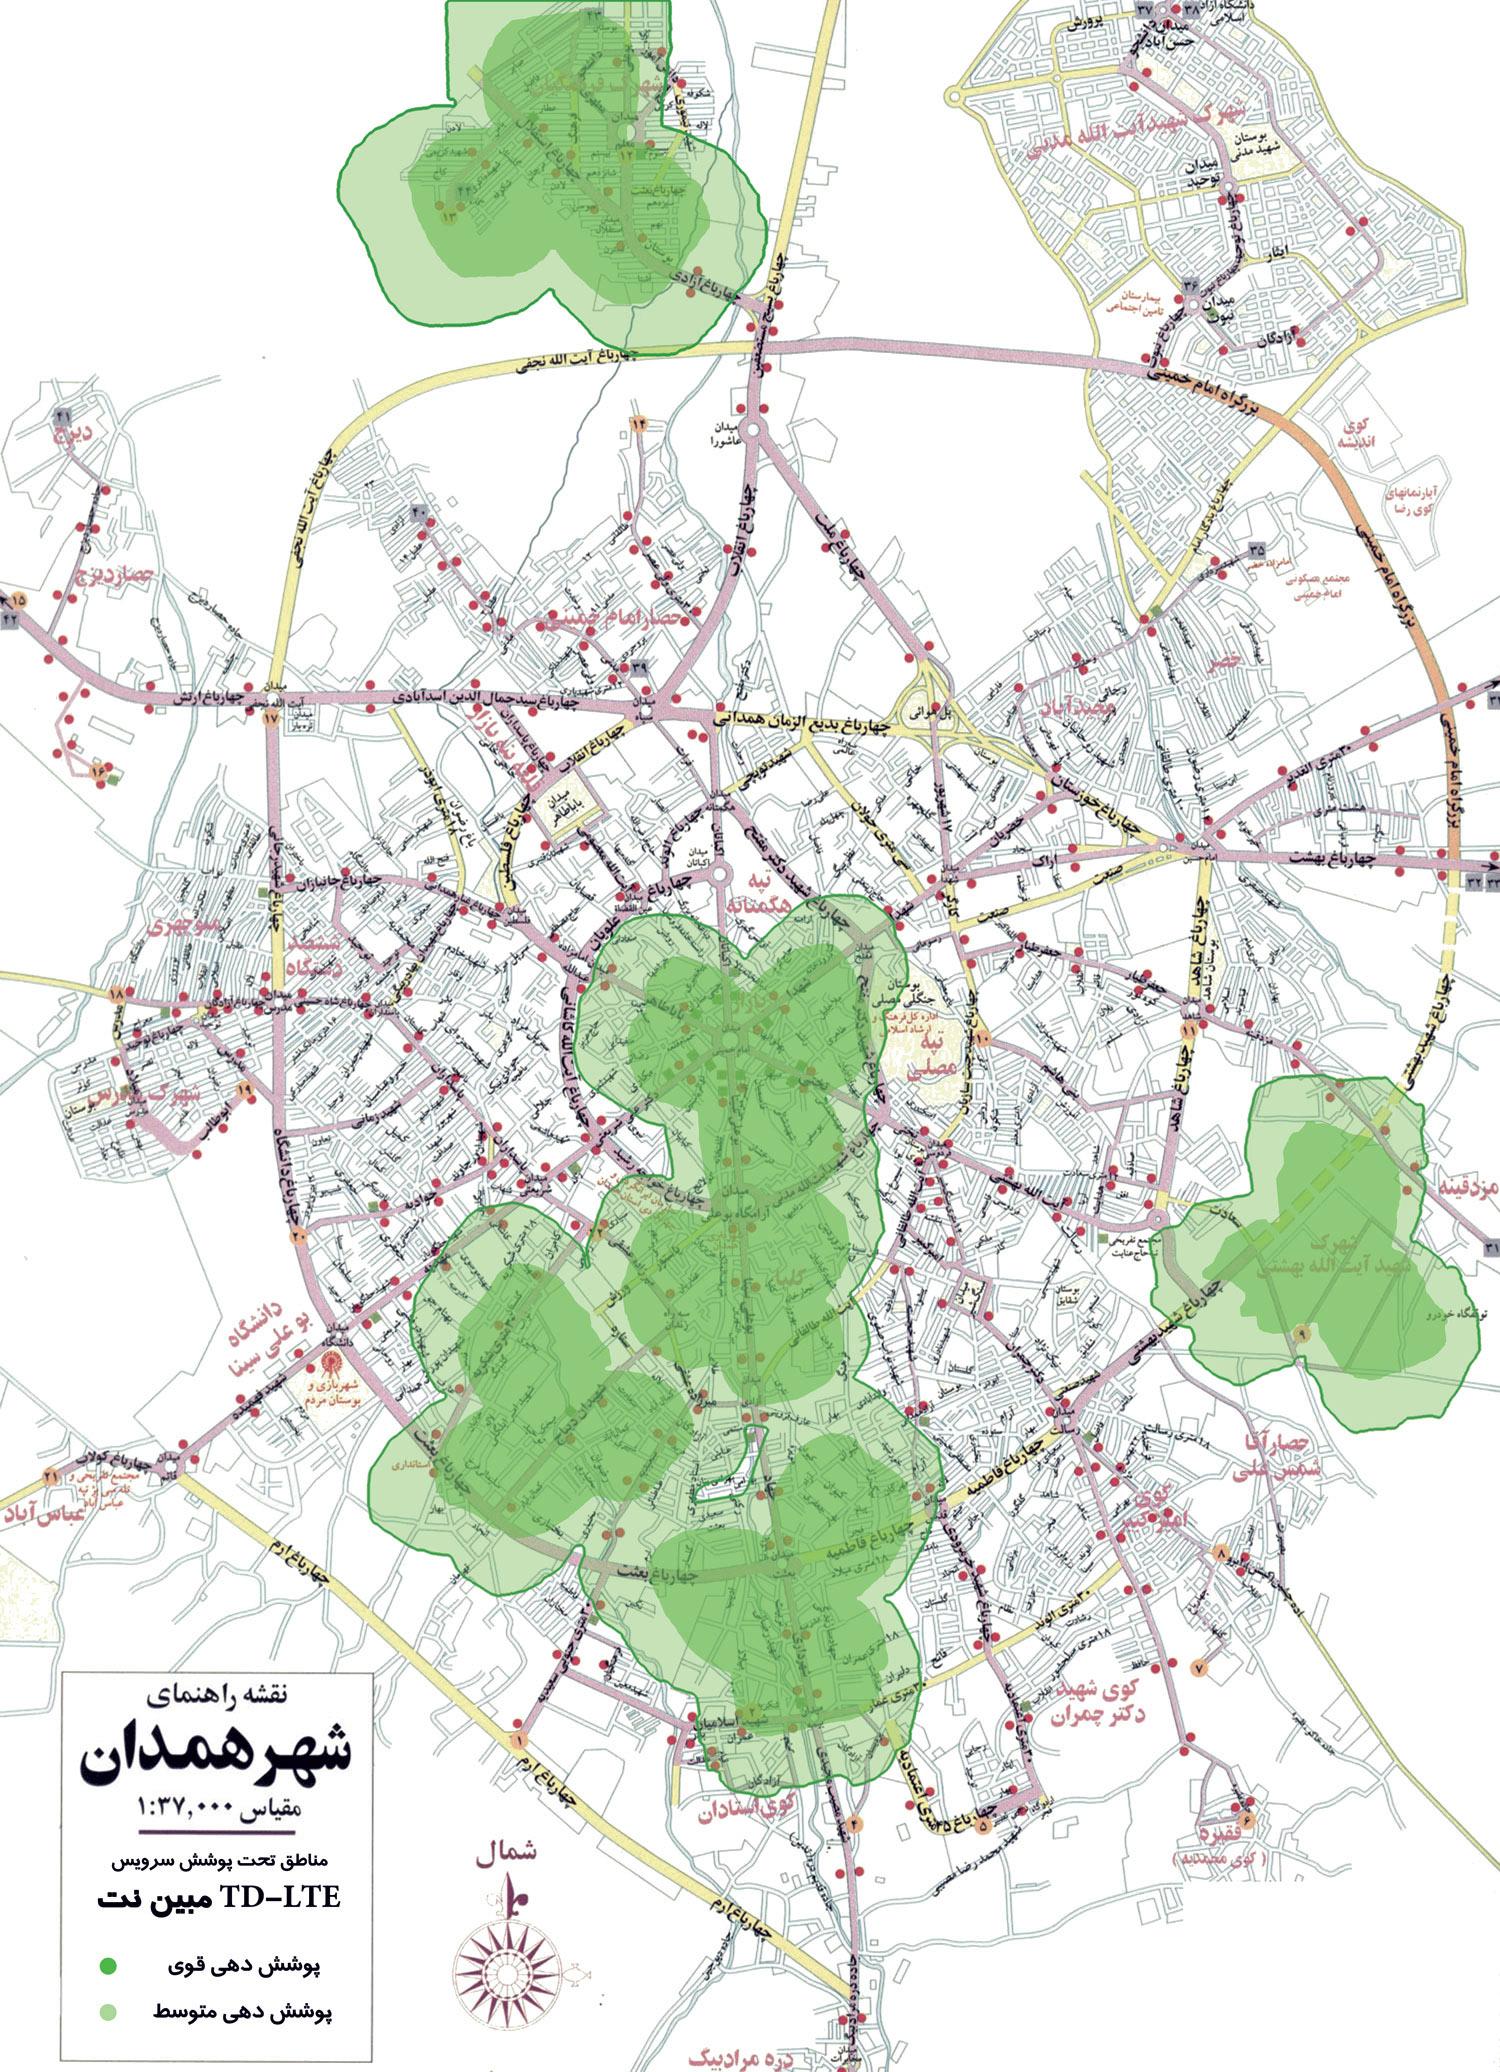 مناطق تحت پوشش LTE مبین نت در همدان